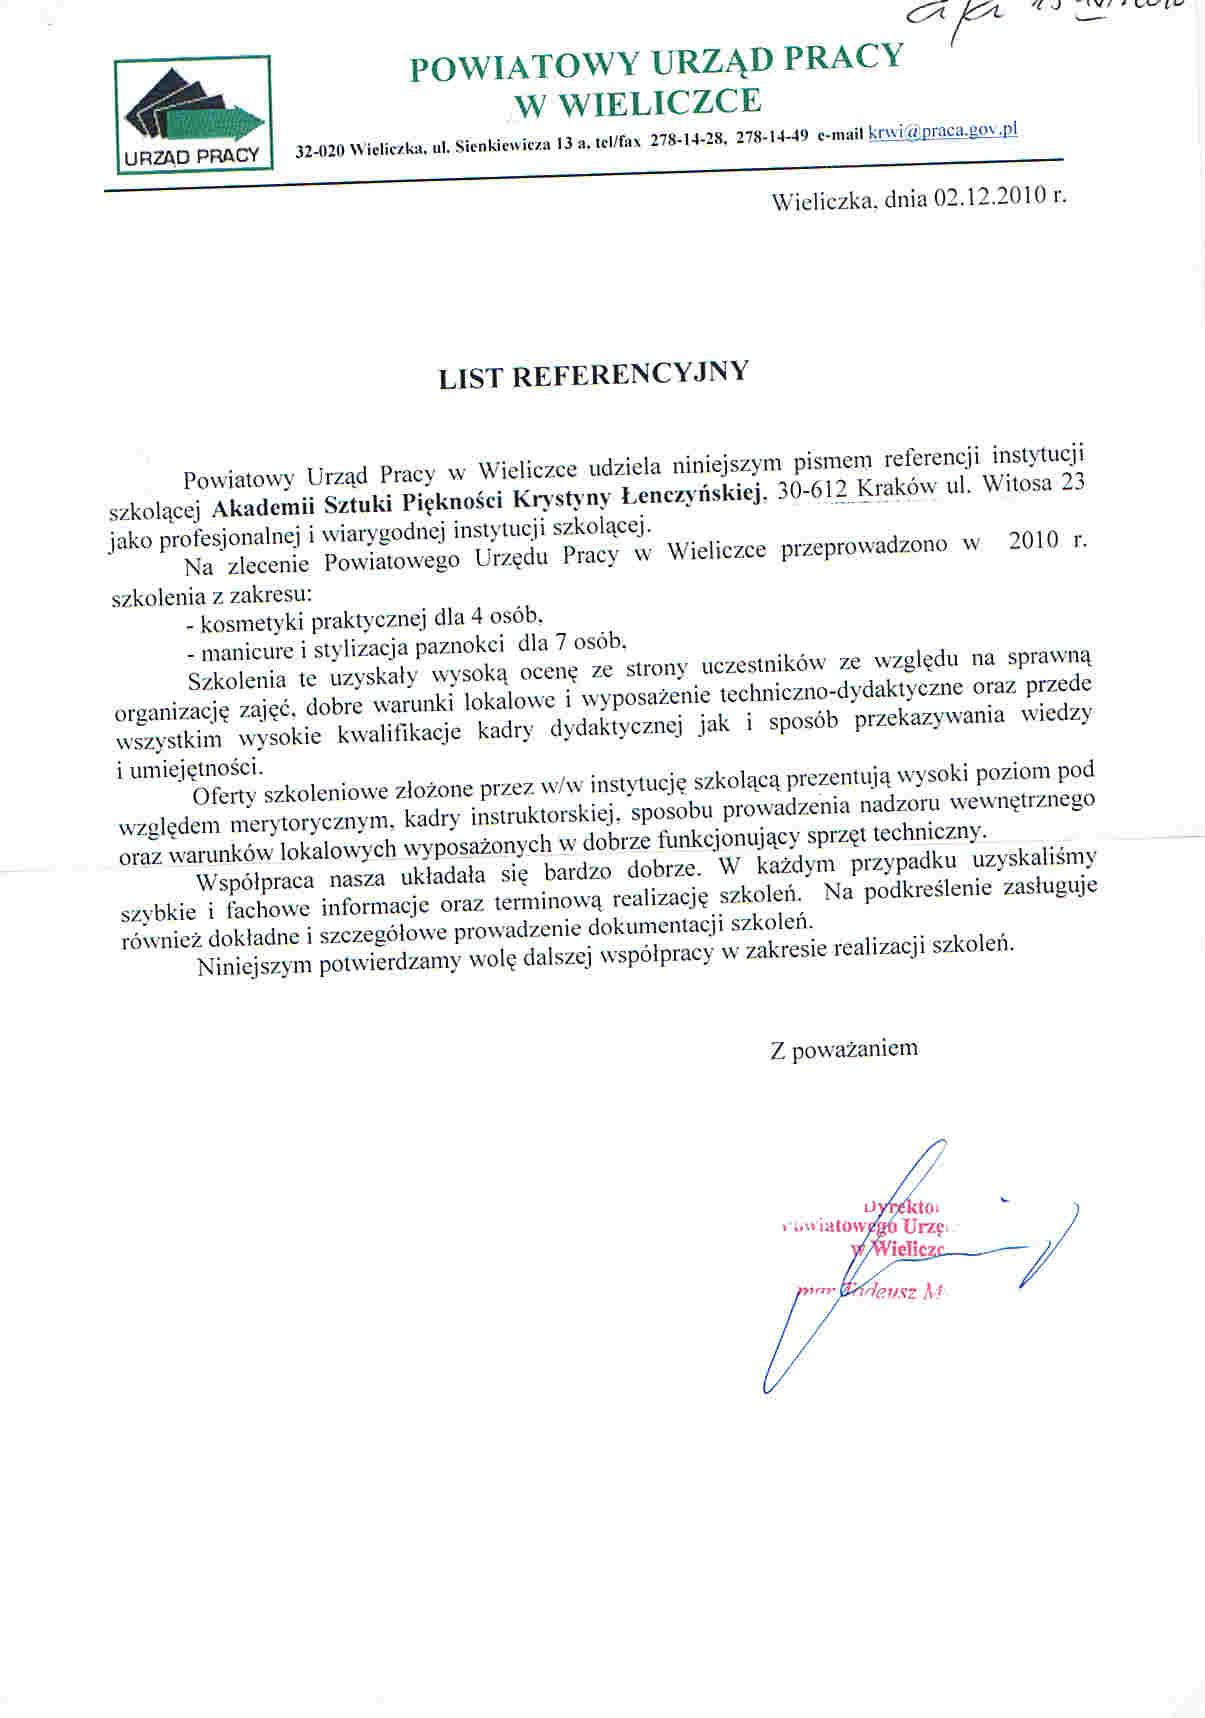 Powiatowy Urząd Pracy w Wieliczce-Wieliczka